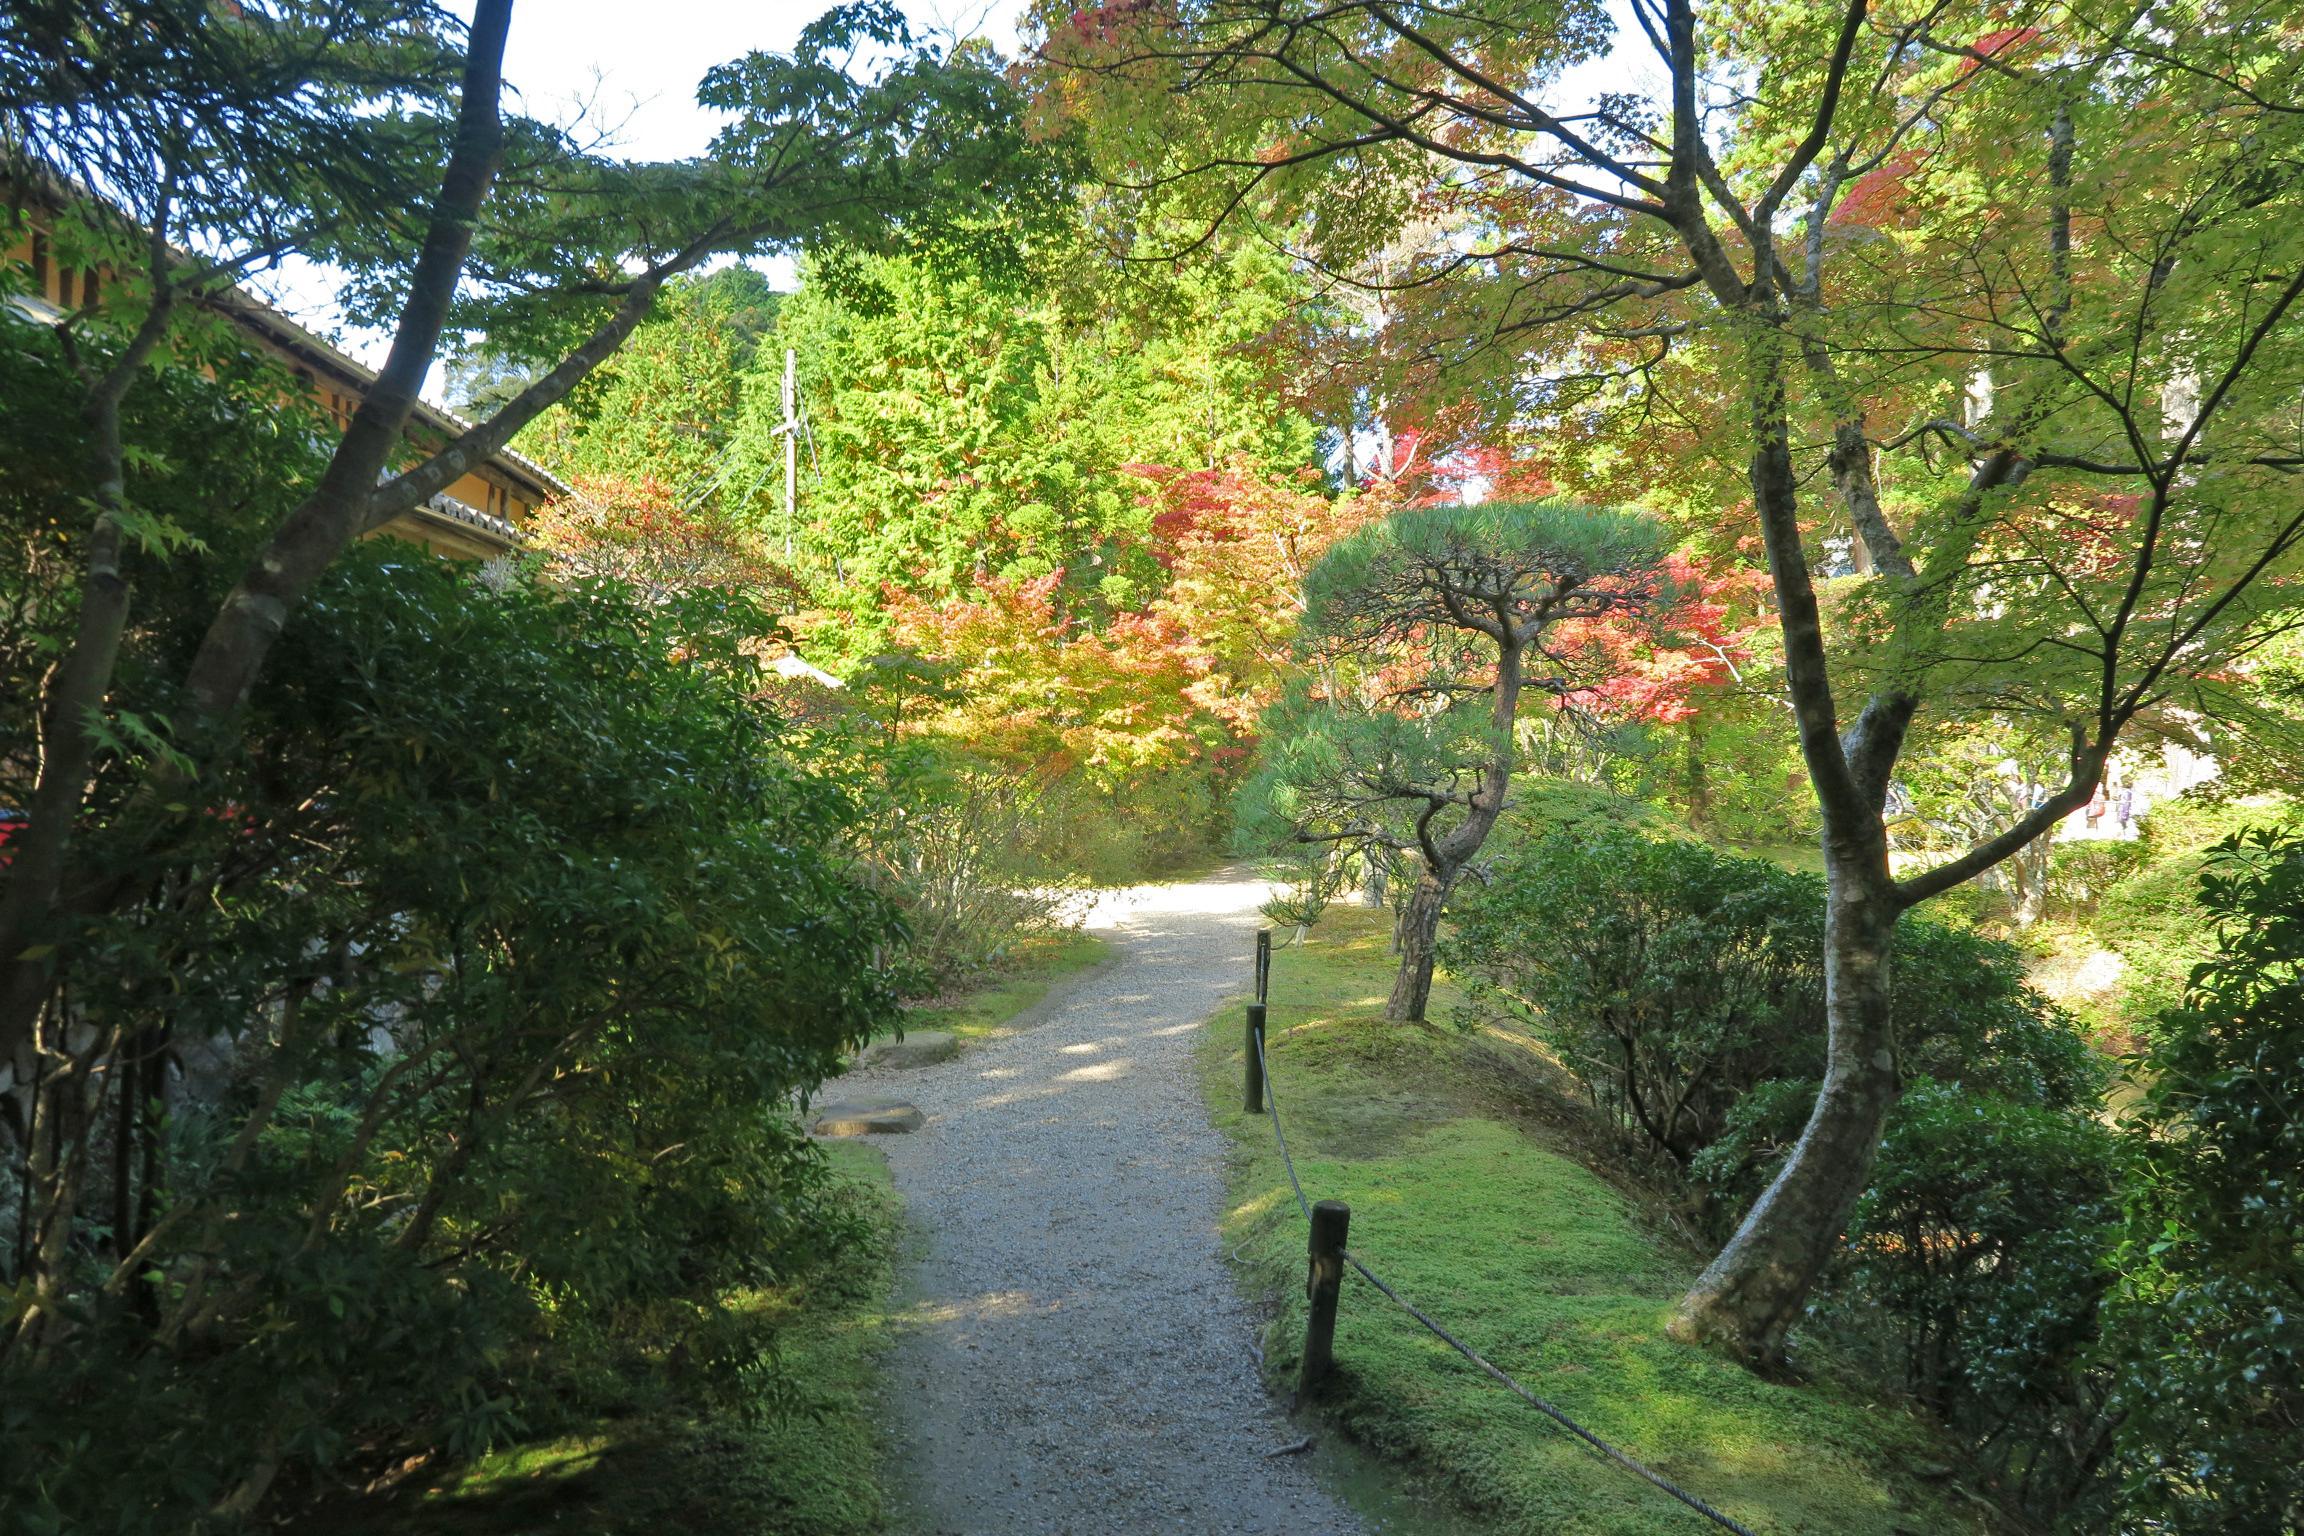 庭園周辺には色とりどりの紅葉がきれいでした。